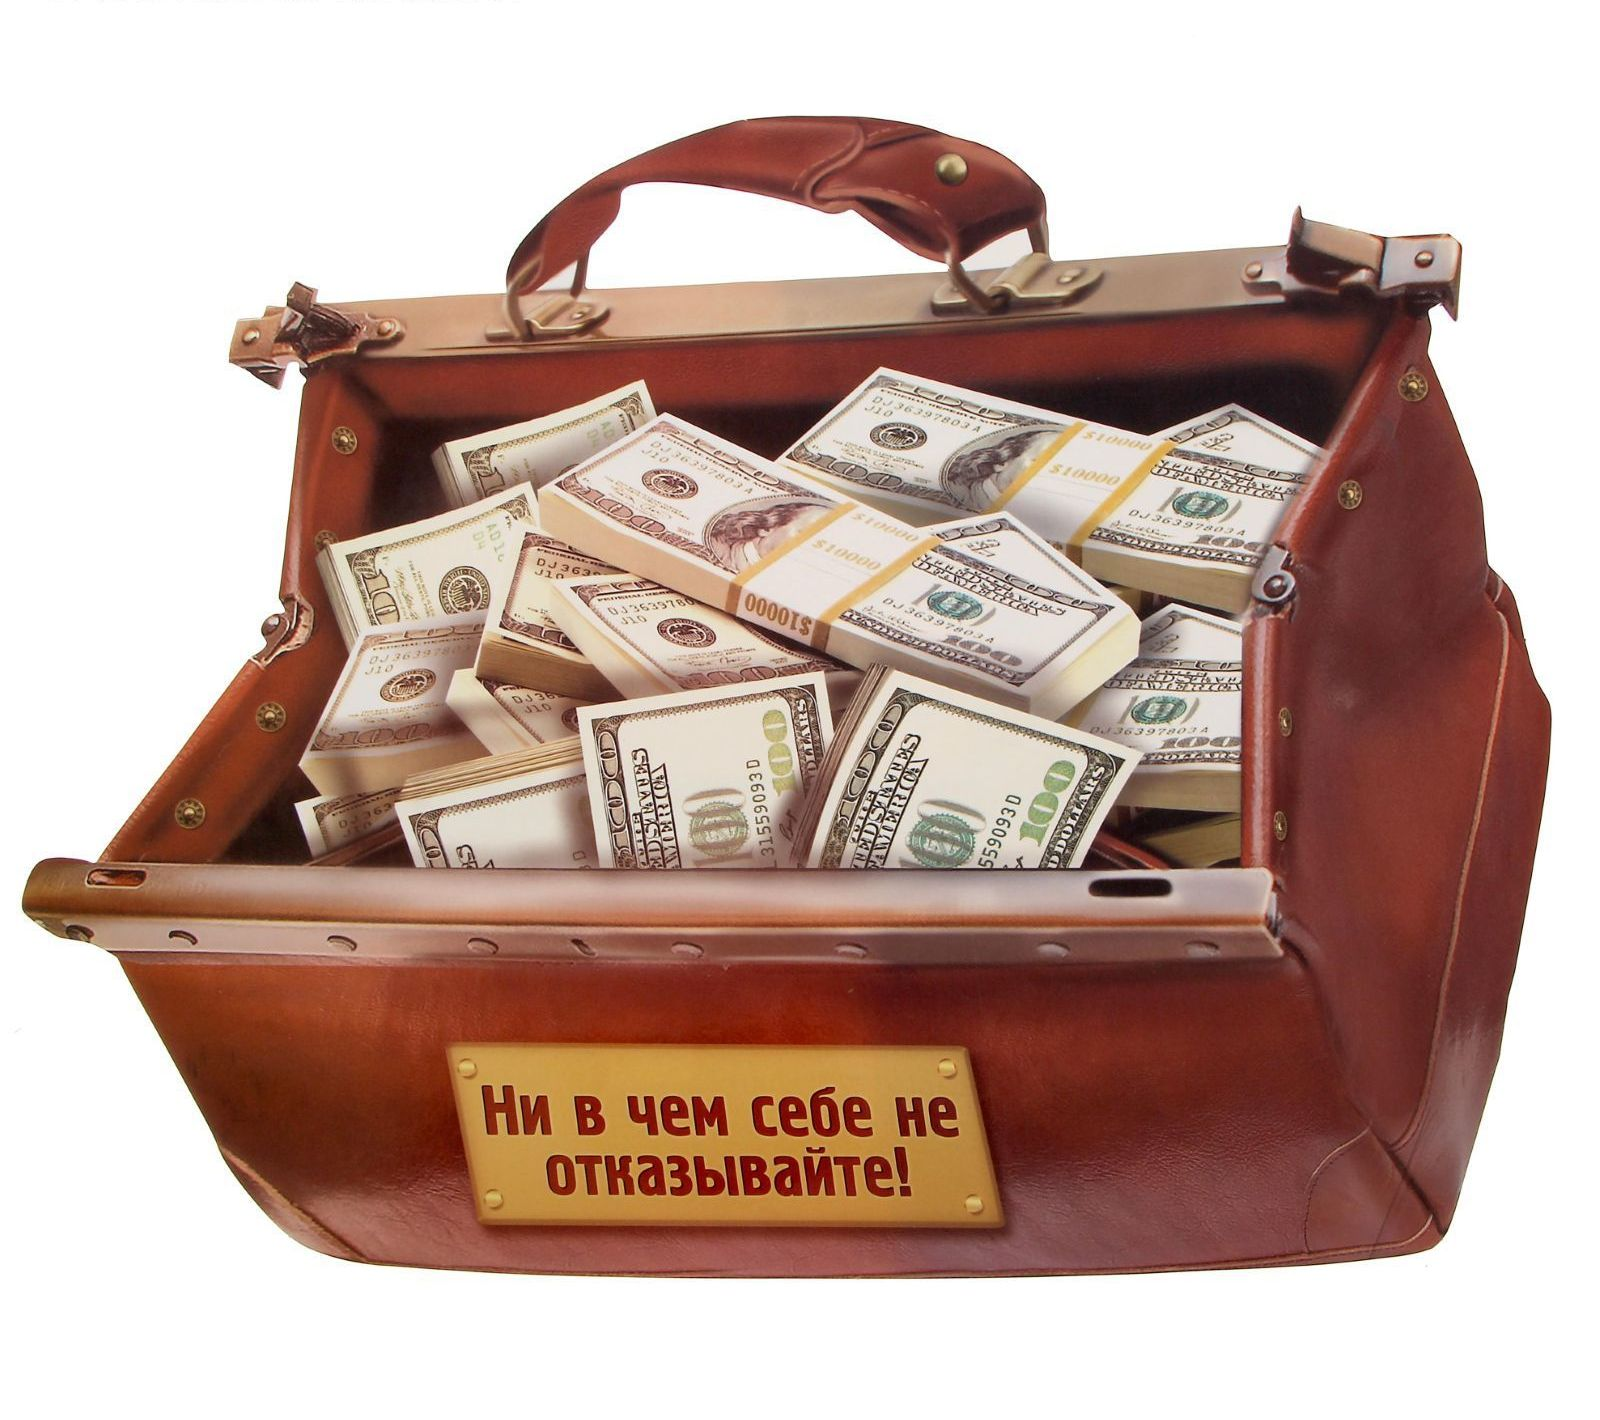 речь открытка с кучей денег путешествие это прекрасная